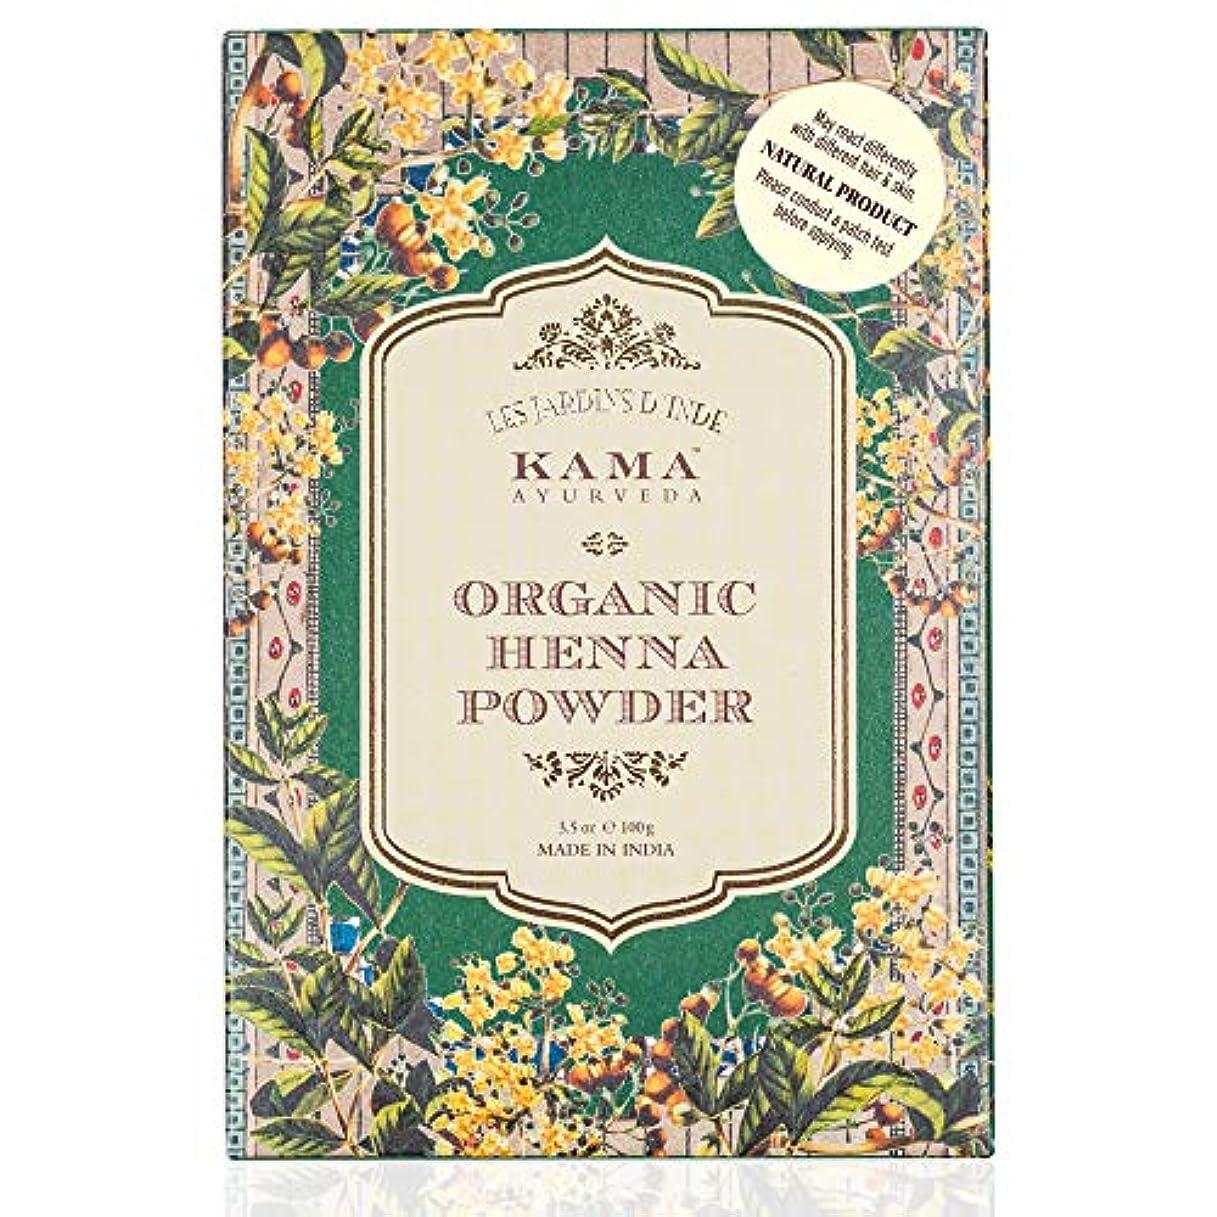 しないでください限られた失業KAMA AYURVEDA 100% 有機 オーガニック ヘナ パウダー Organic Henna Powder, 100g